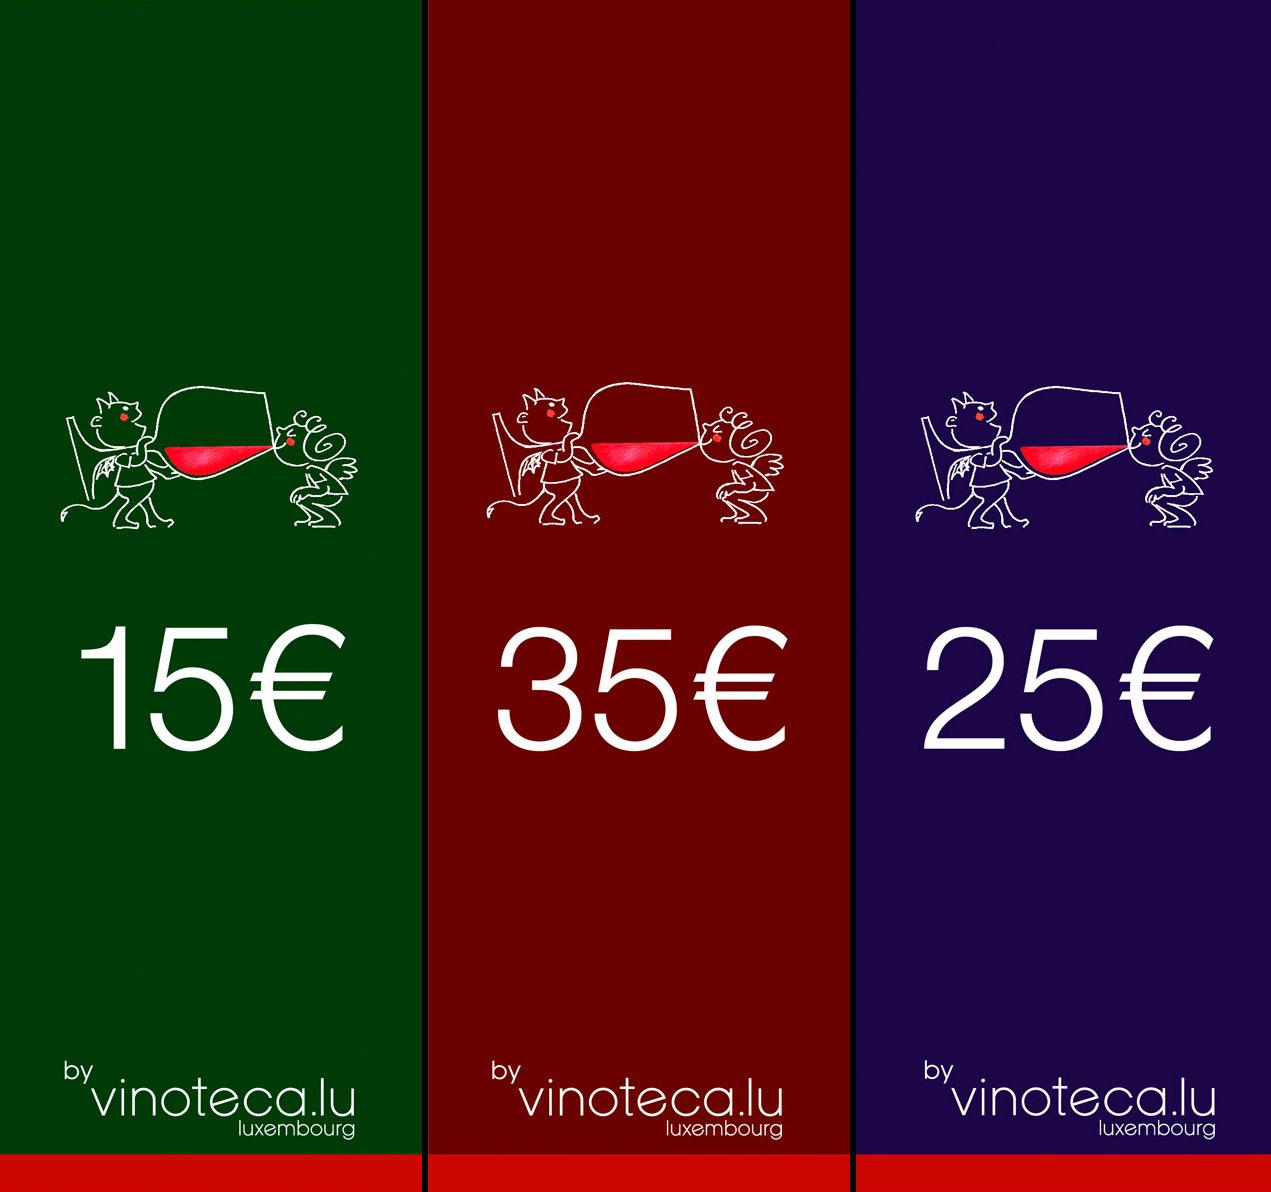 Bons Cadeau _vinoteca.lu